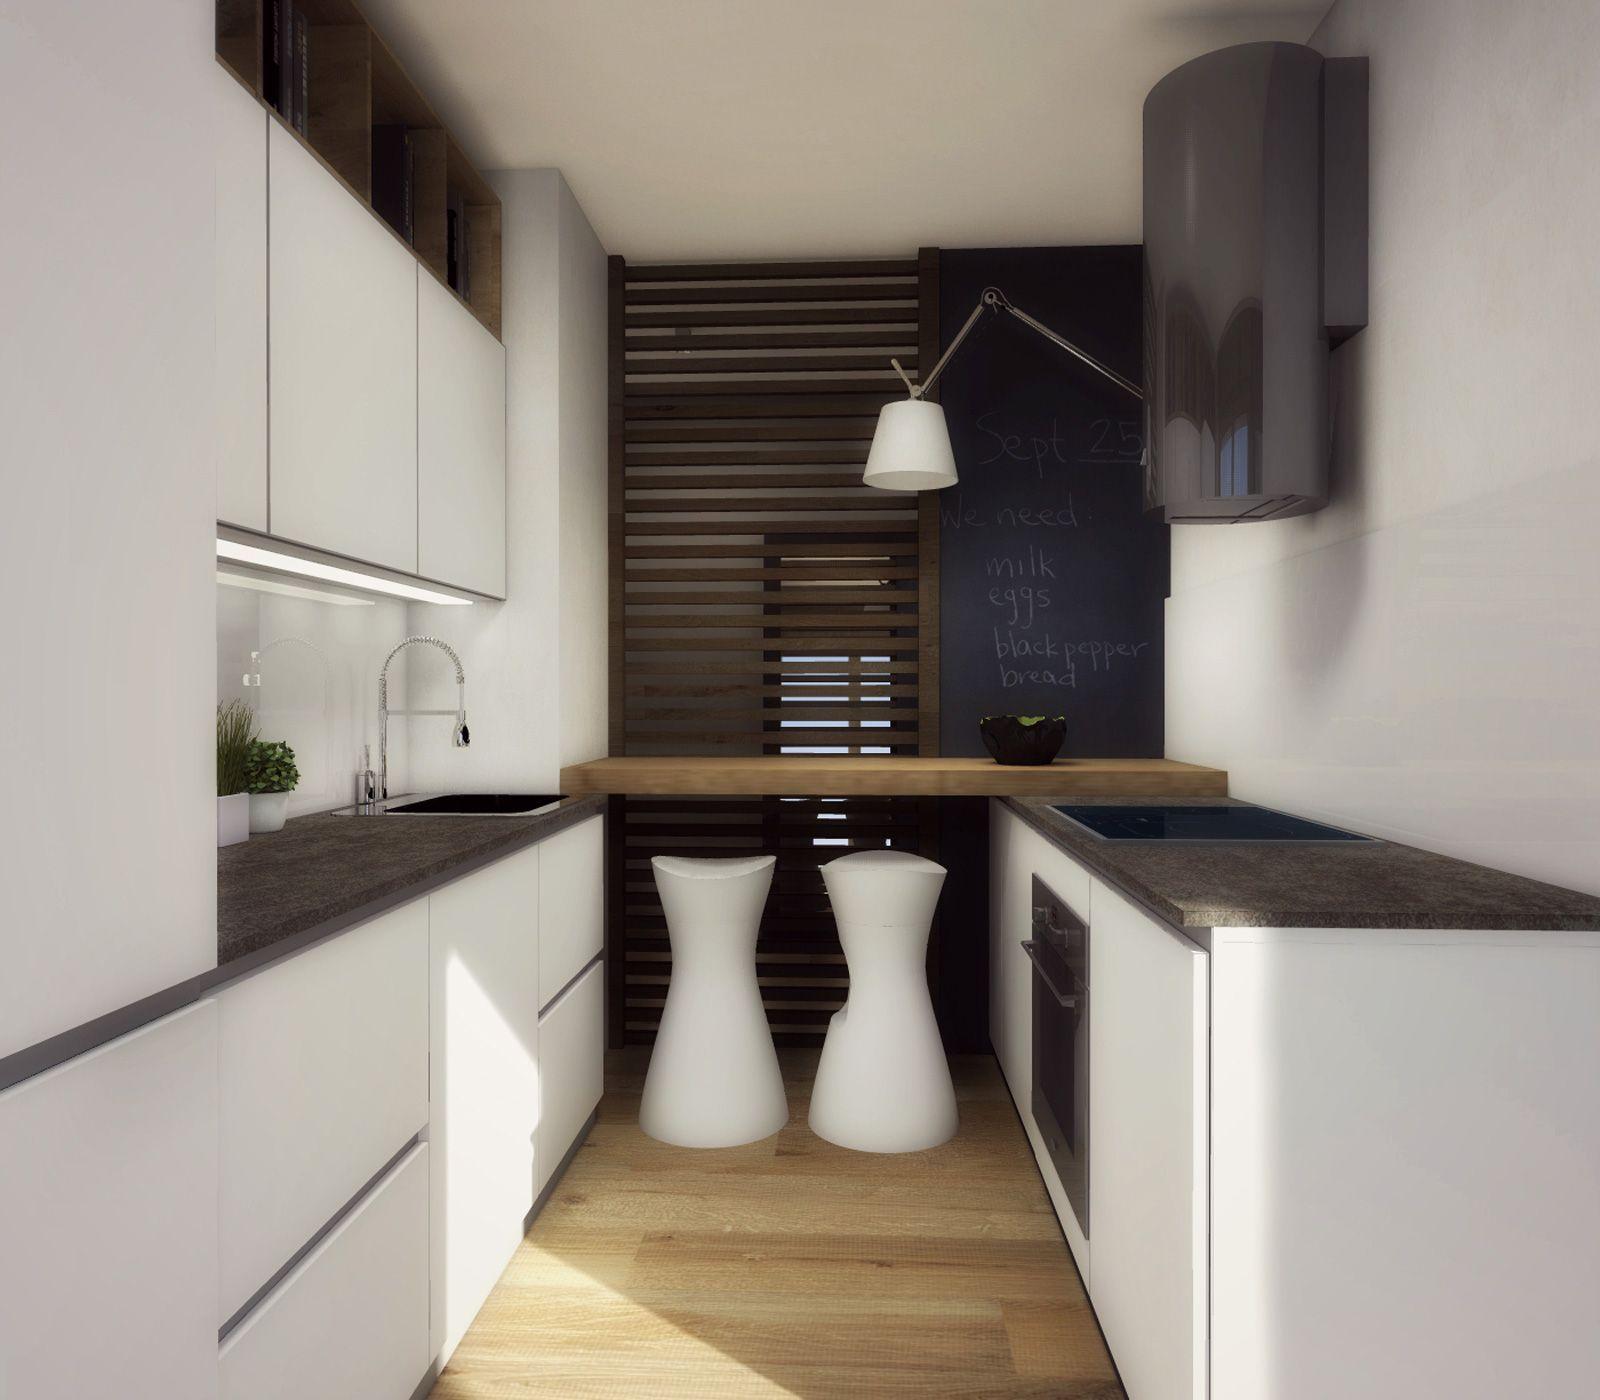 Idee Di Cucine Ad Angolo.Cucine Piccole Ad Angolo Idee Di Design Per La Casa